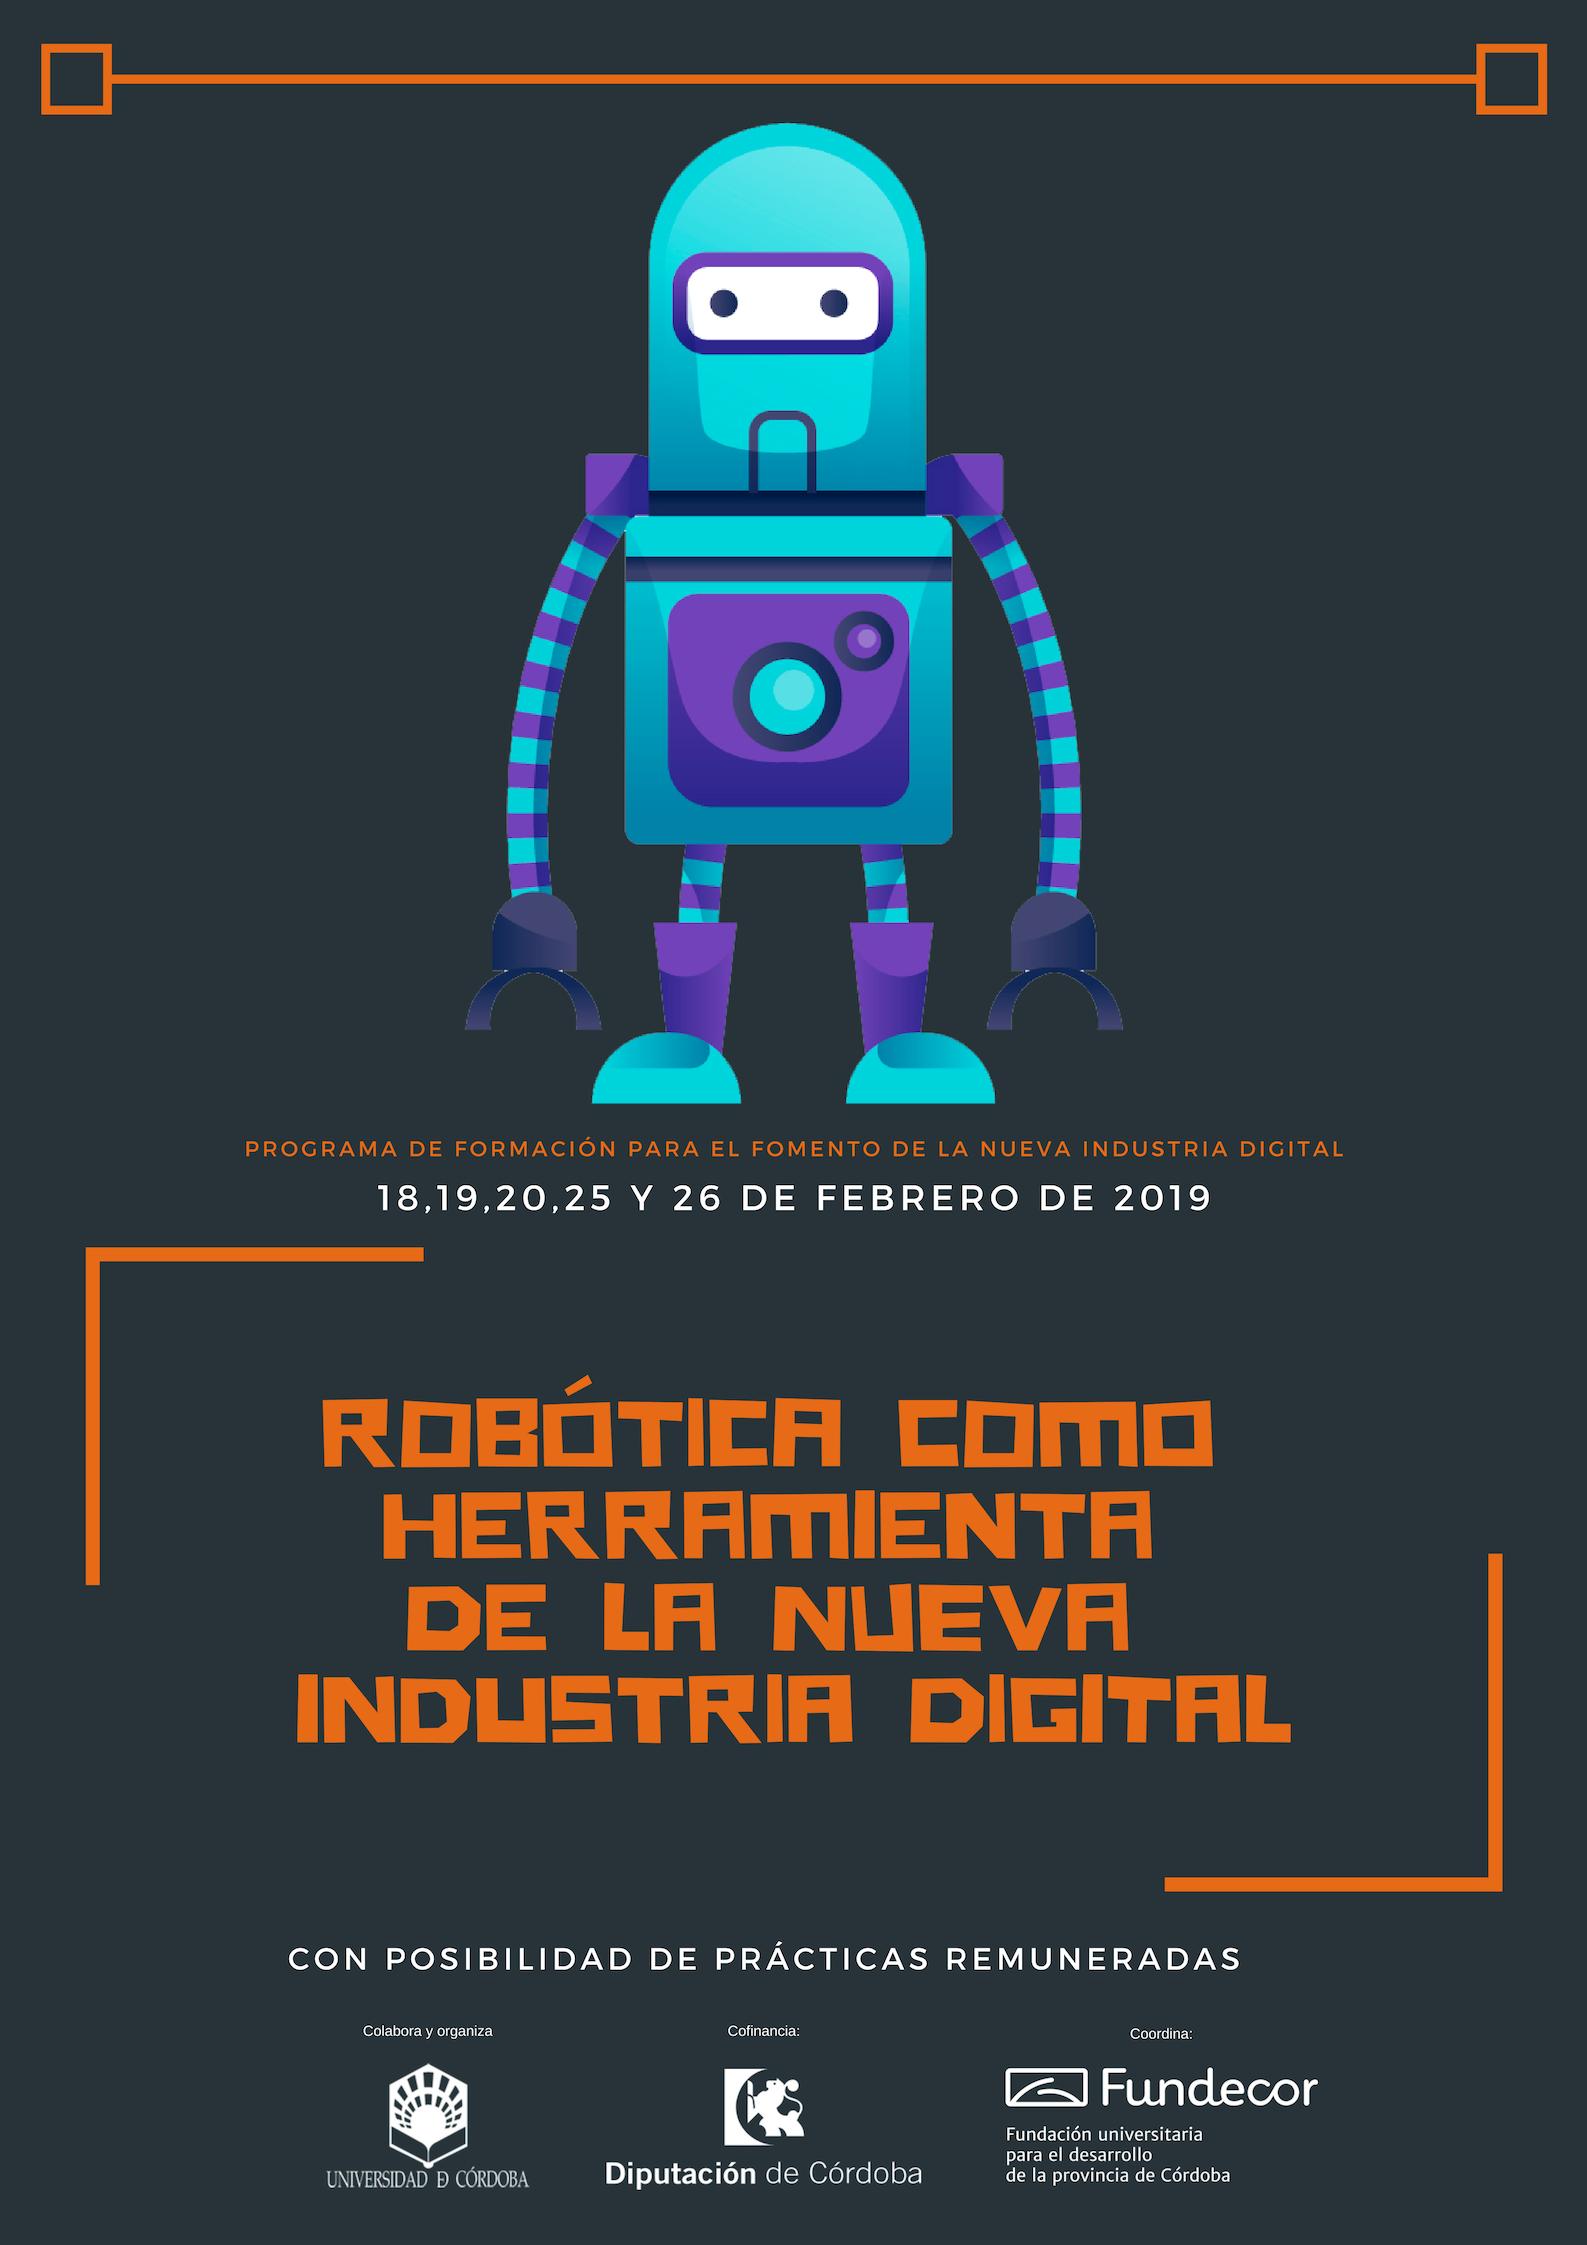 Robótica como herramienta de la nueva industria digital